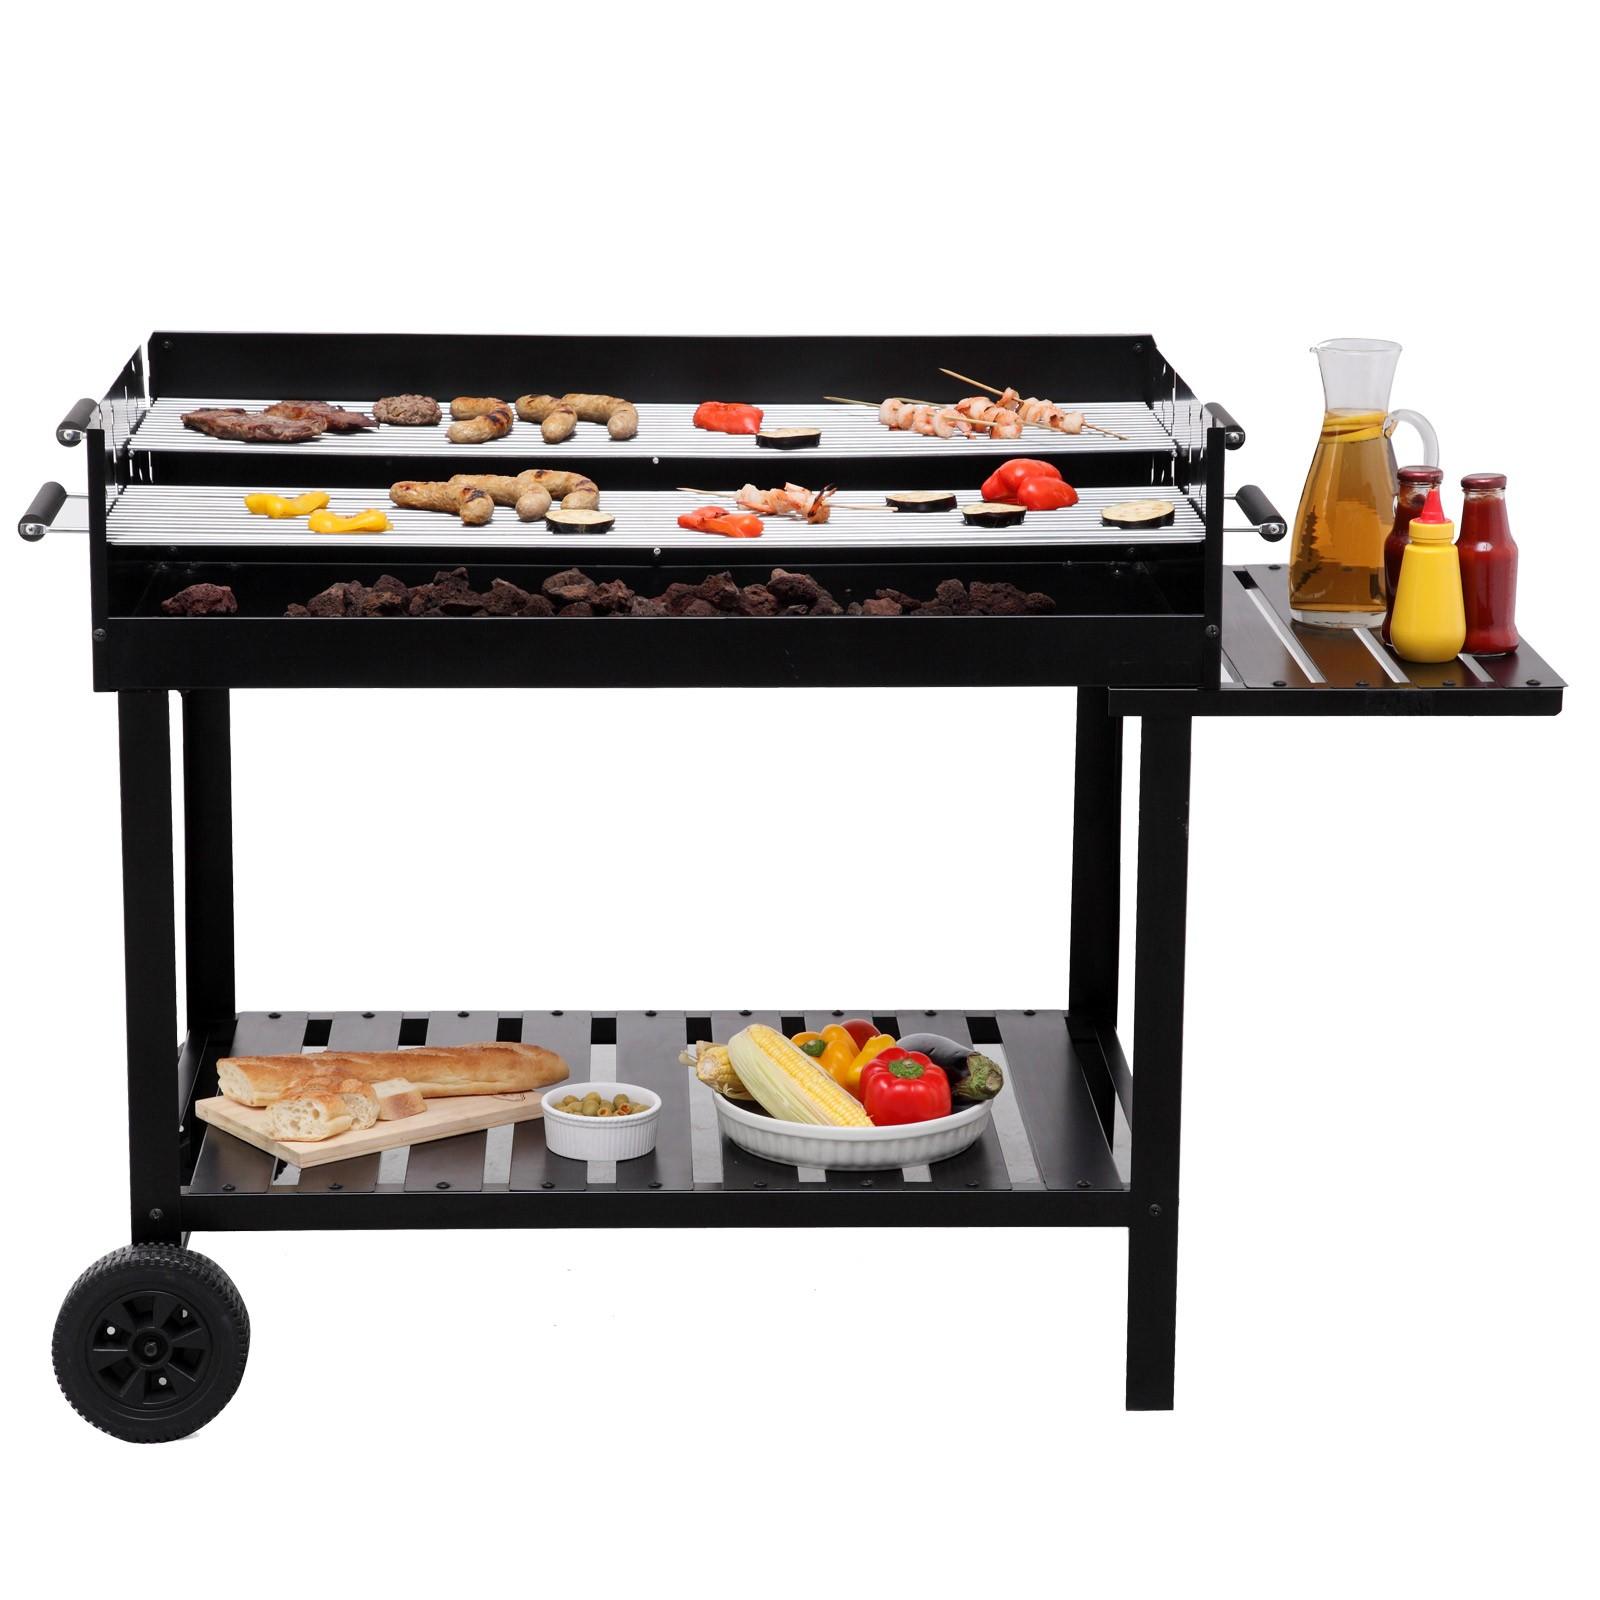 tepro holzkohlengrill kohlegrill bbq grill kohle grillwagen atlanta 4011964029910 ebay. Black Bedroom Furniture Sets. Home Design Ideas